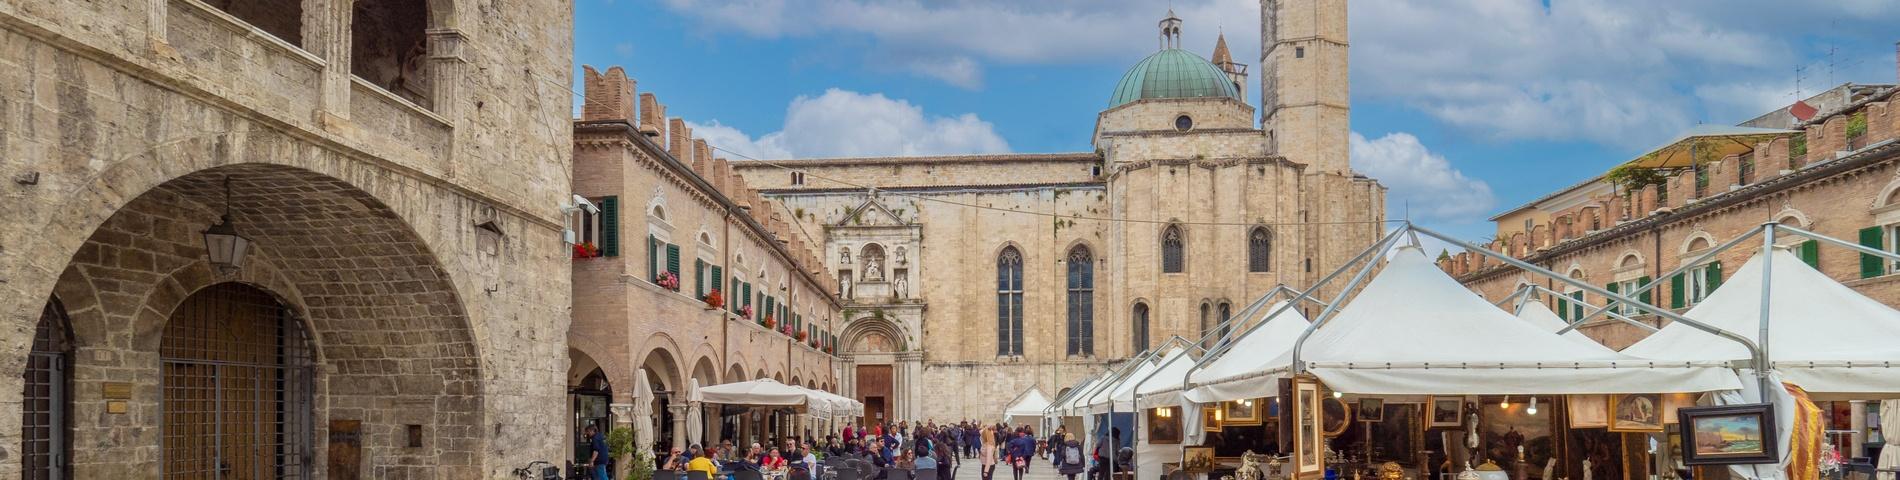 아스콜리 피체노(Ascoli Piceno)